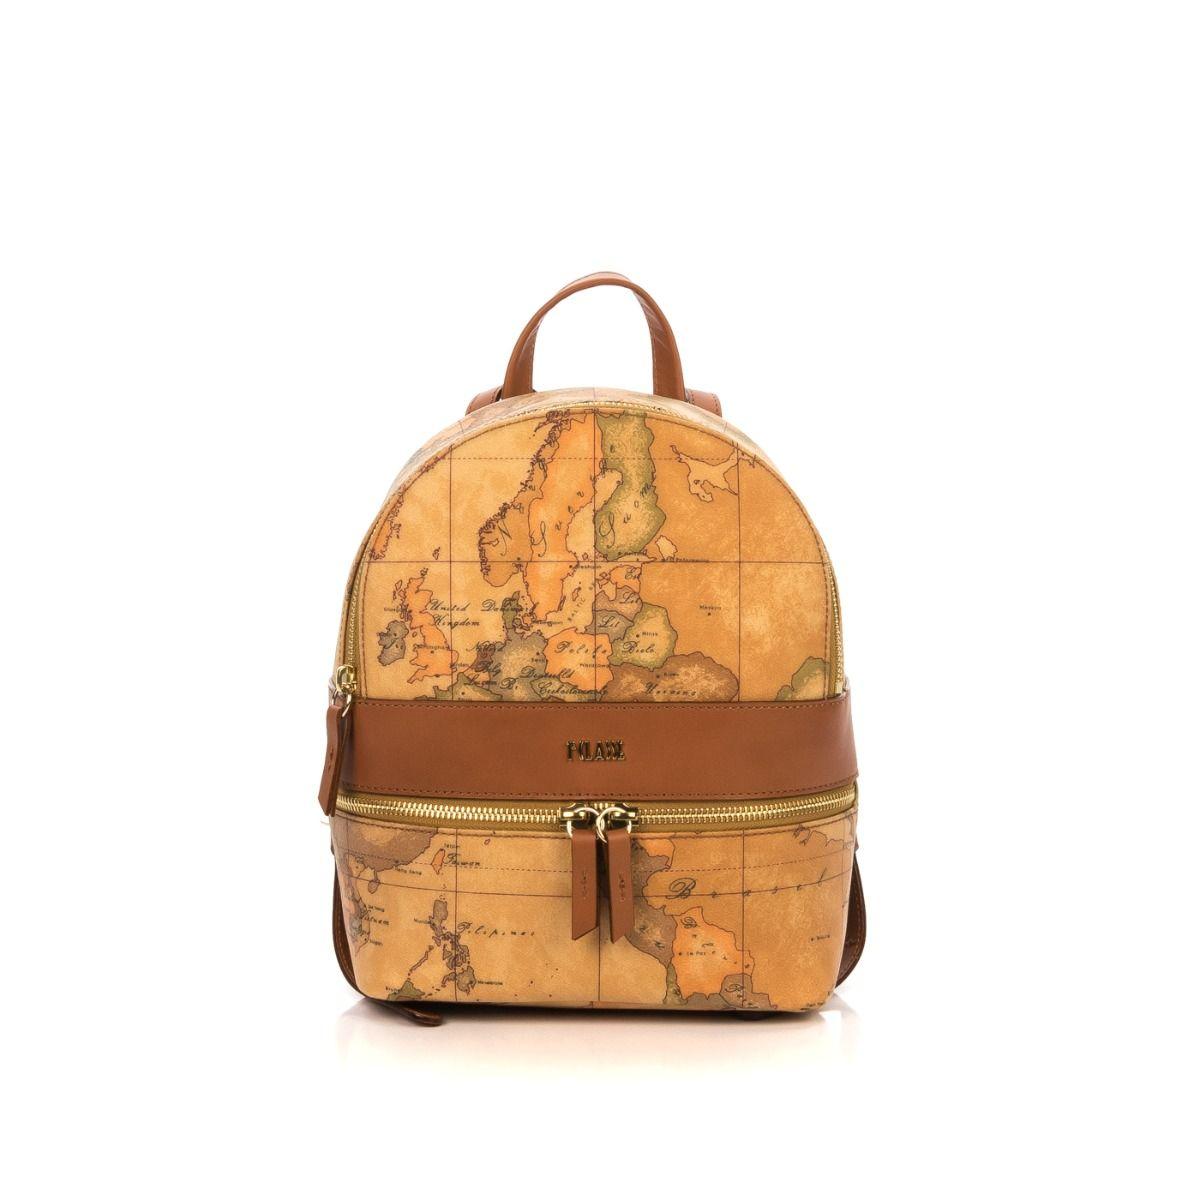 f668bc2fd8 Zaino donna|ALVIERO MARTINI 1^CLASSE D0986000-10 Geo Classic|Shop  online|Shoe Center